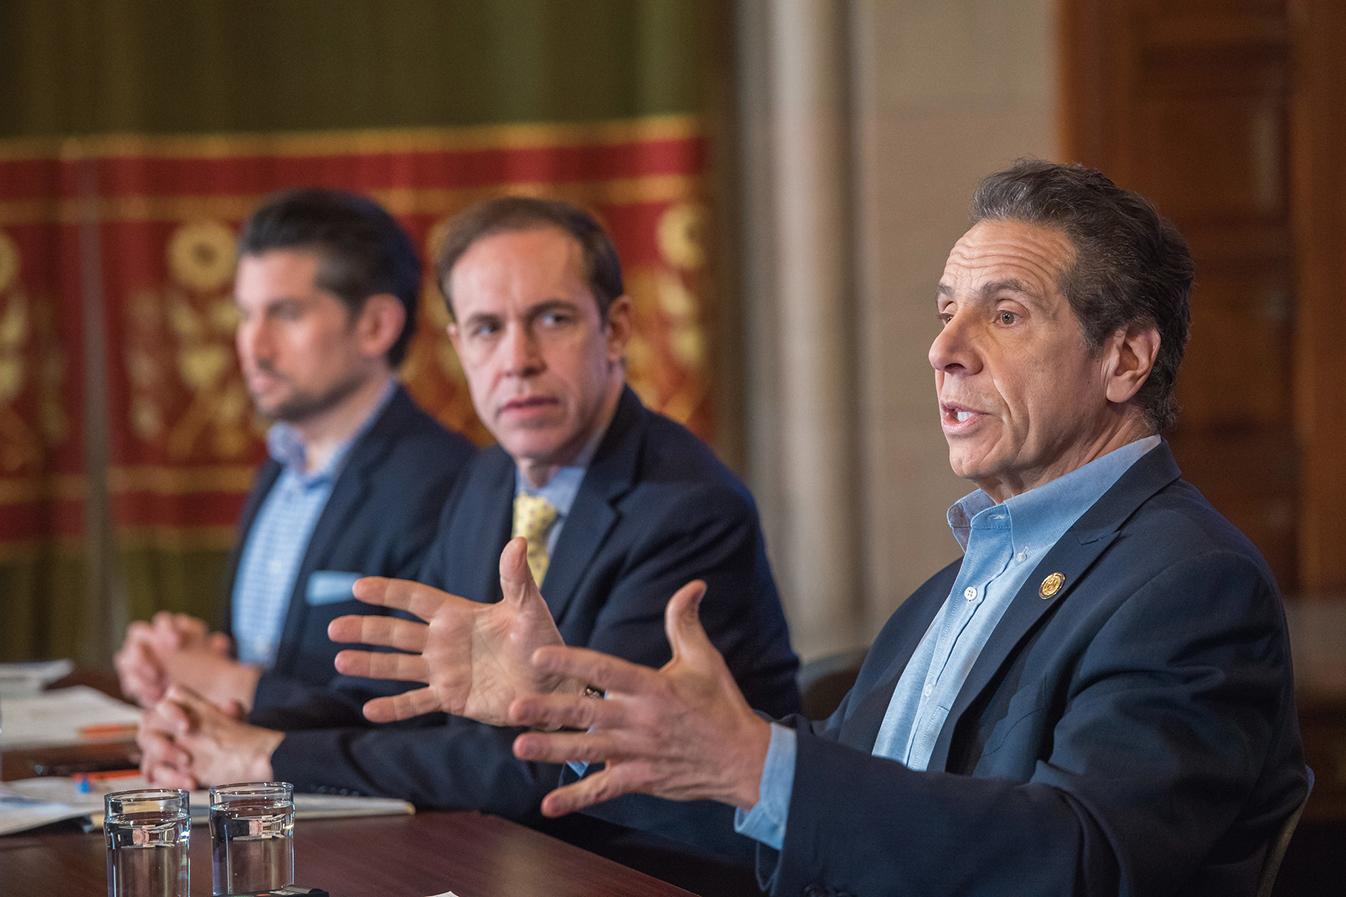 紐約州長庫默4月20日再次升級限制,要求非基本服務行業的員工100%要待在家裏工作。(州長辦公室)